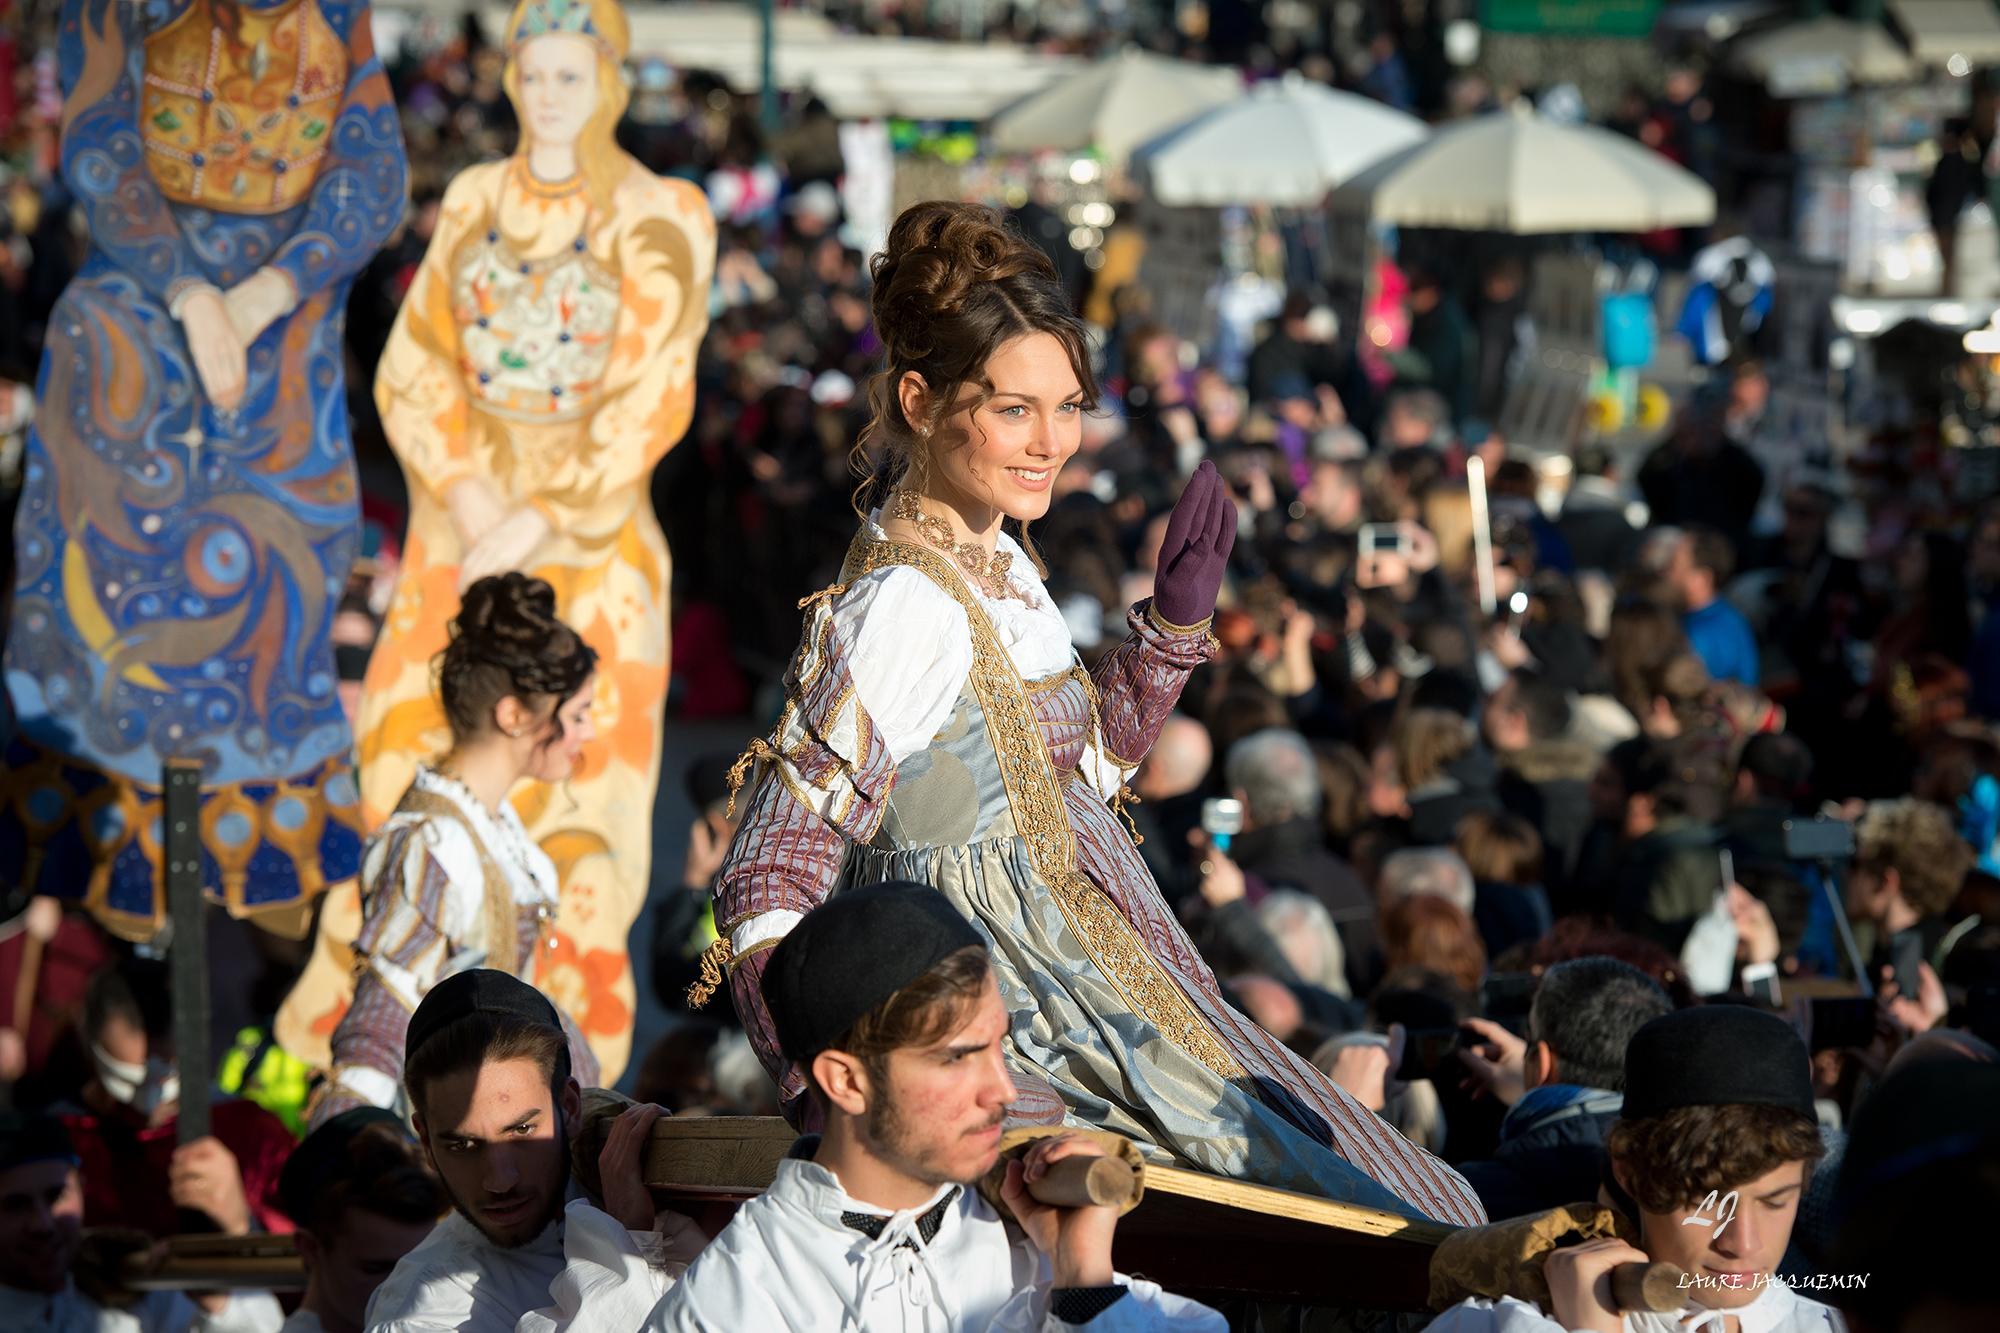 Meilleur photos Carnaval de Venise 2018 laure jacquemin (14)